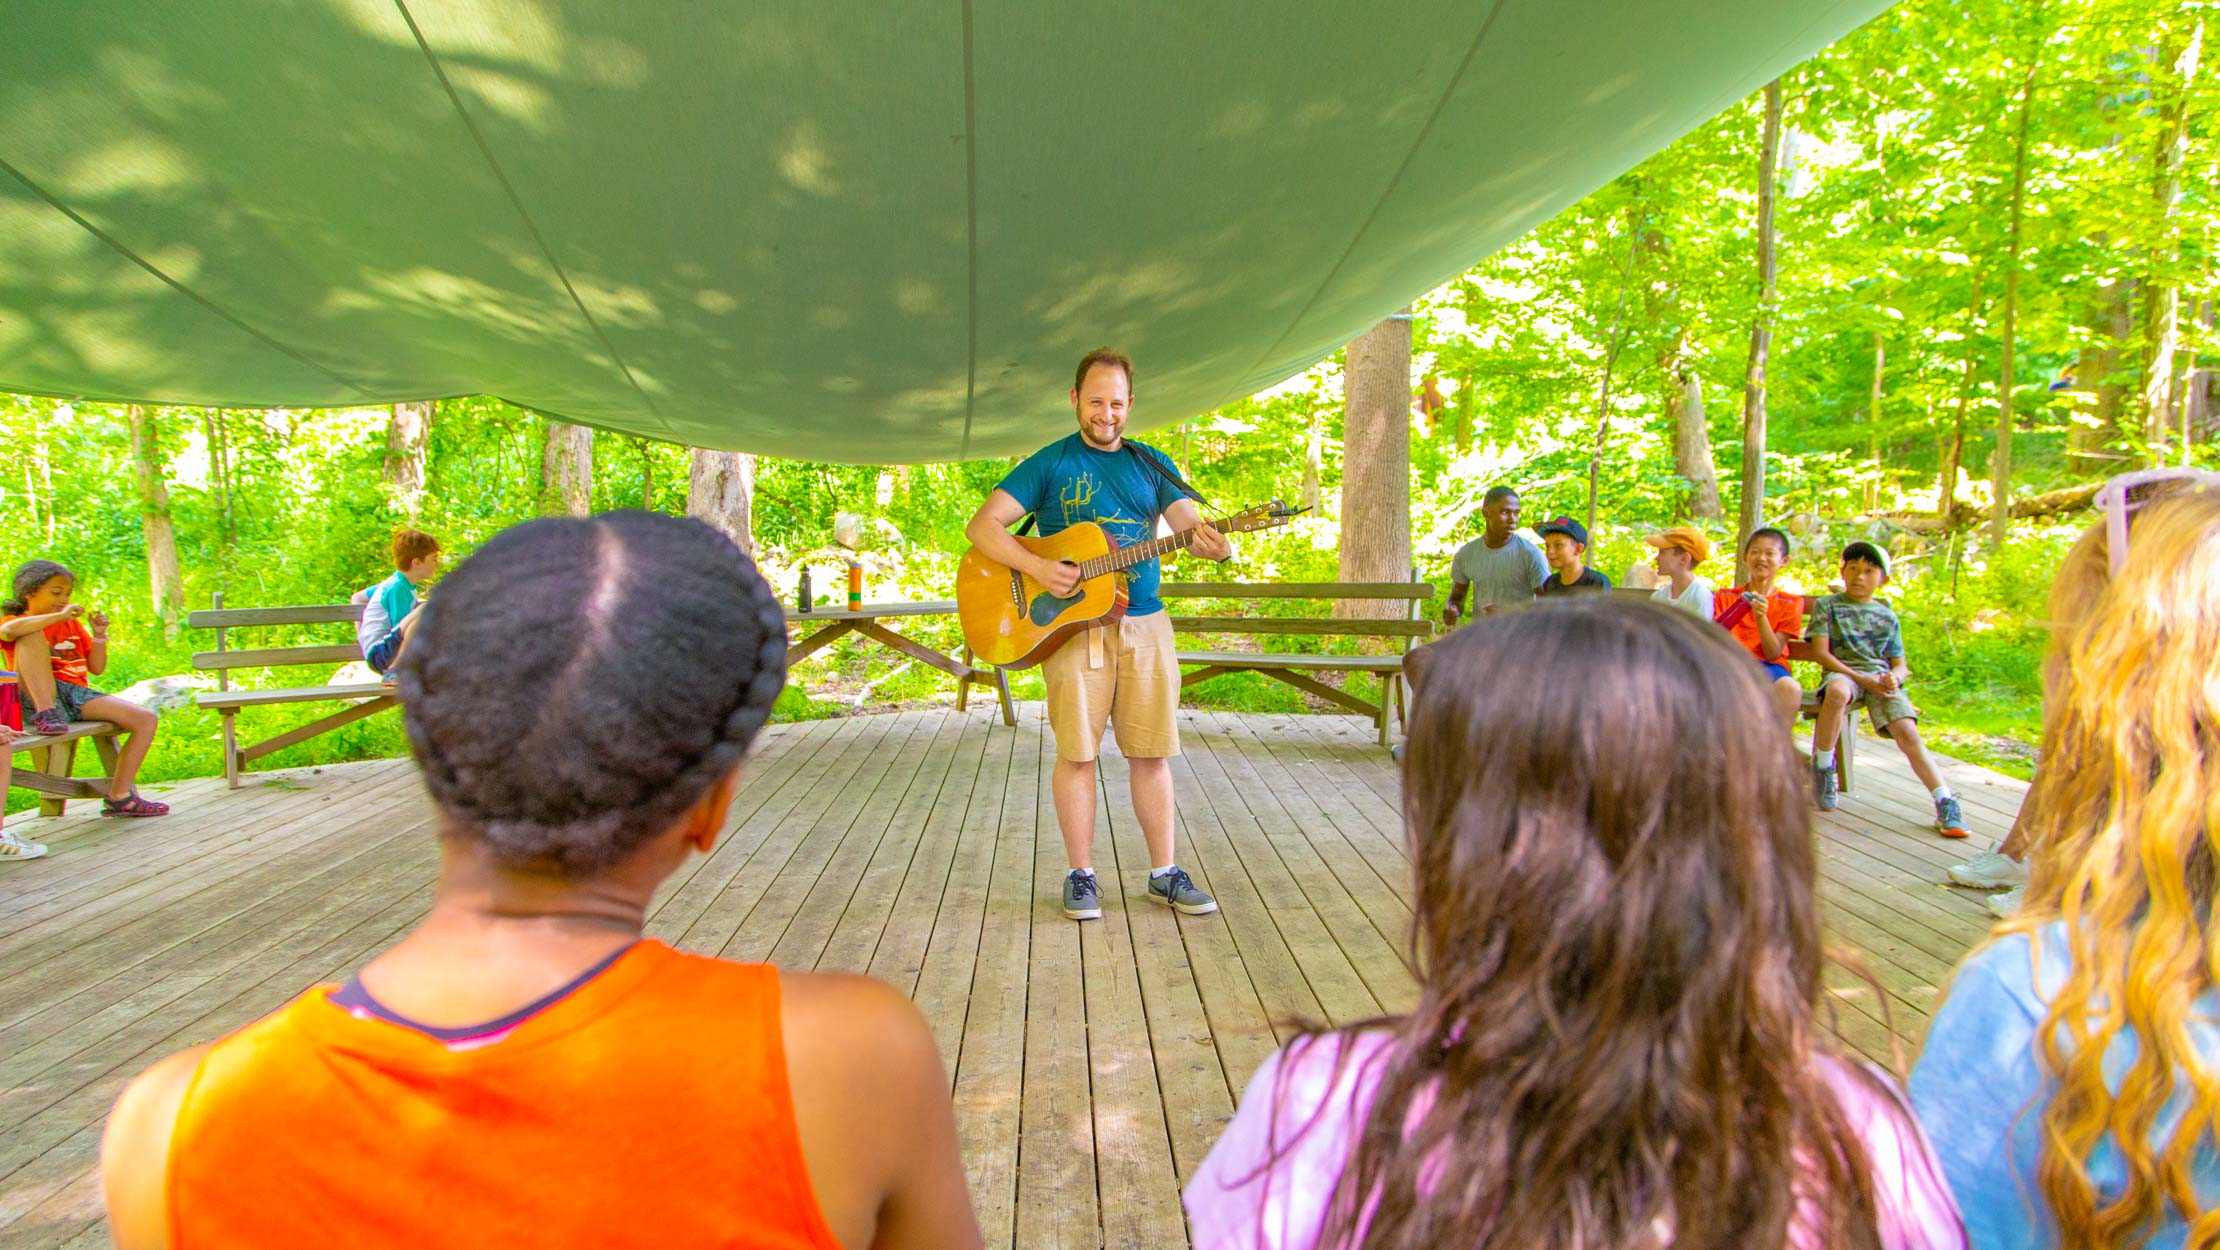 Music teacher playing guitar